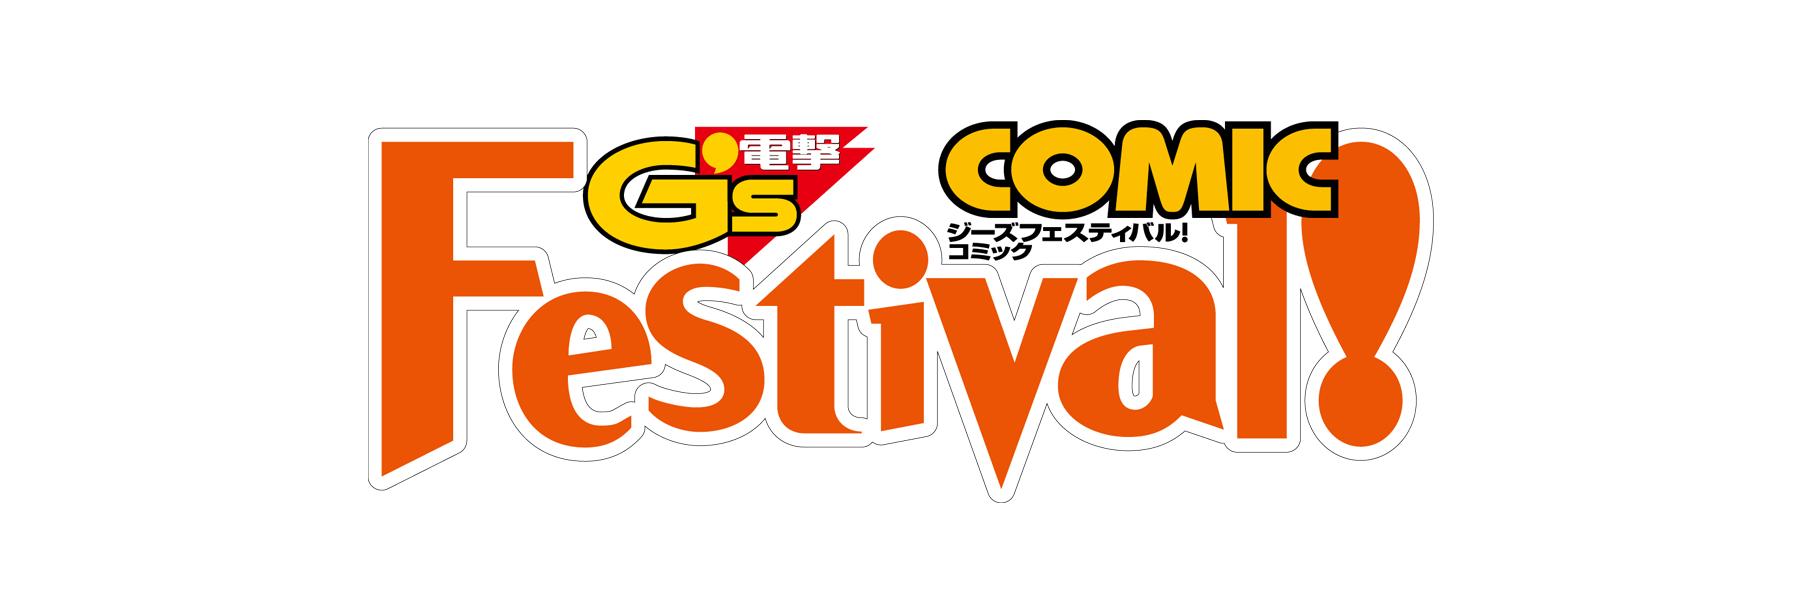 電撃G's Festival COMIC